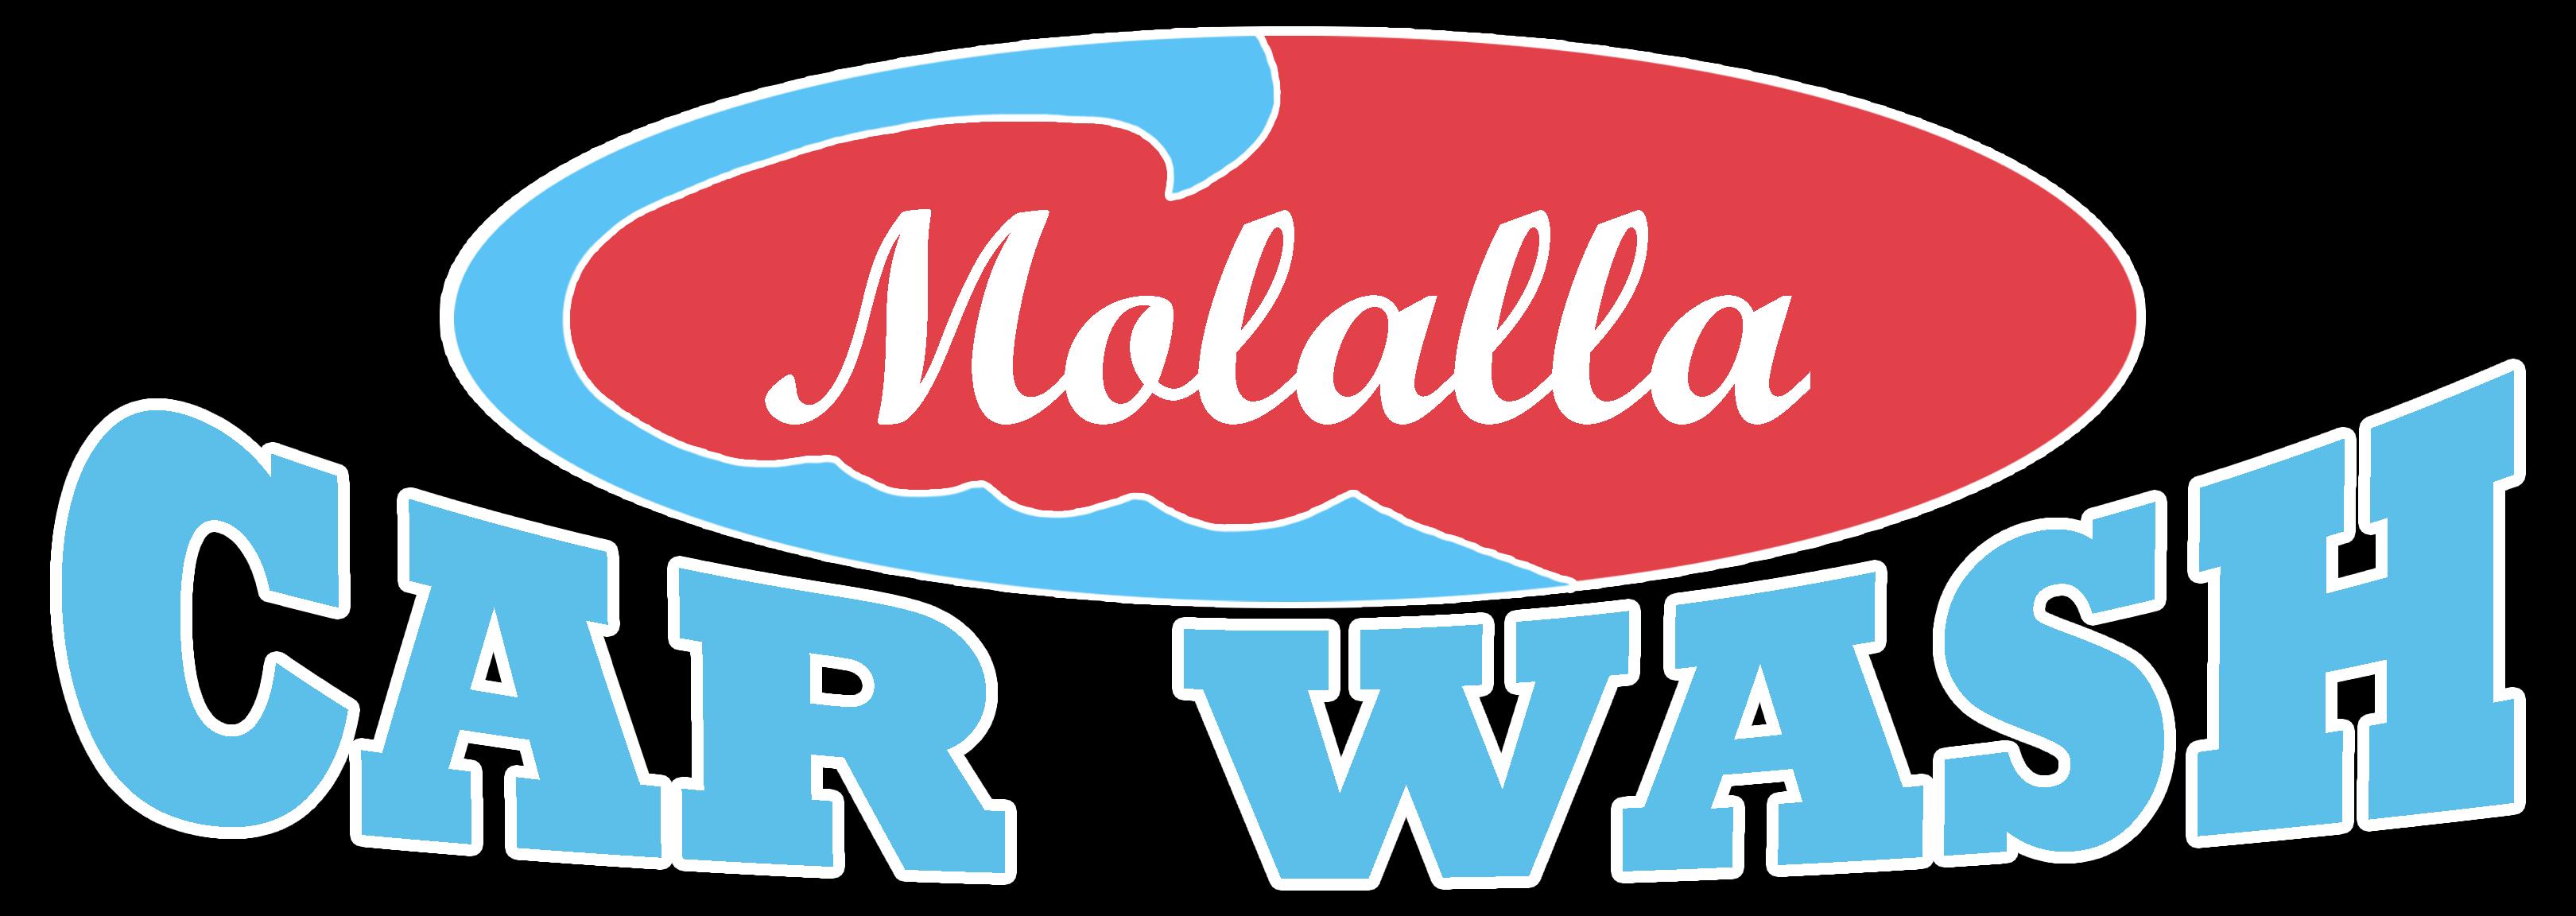 Molalla Car Wash